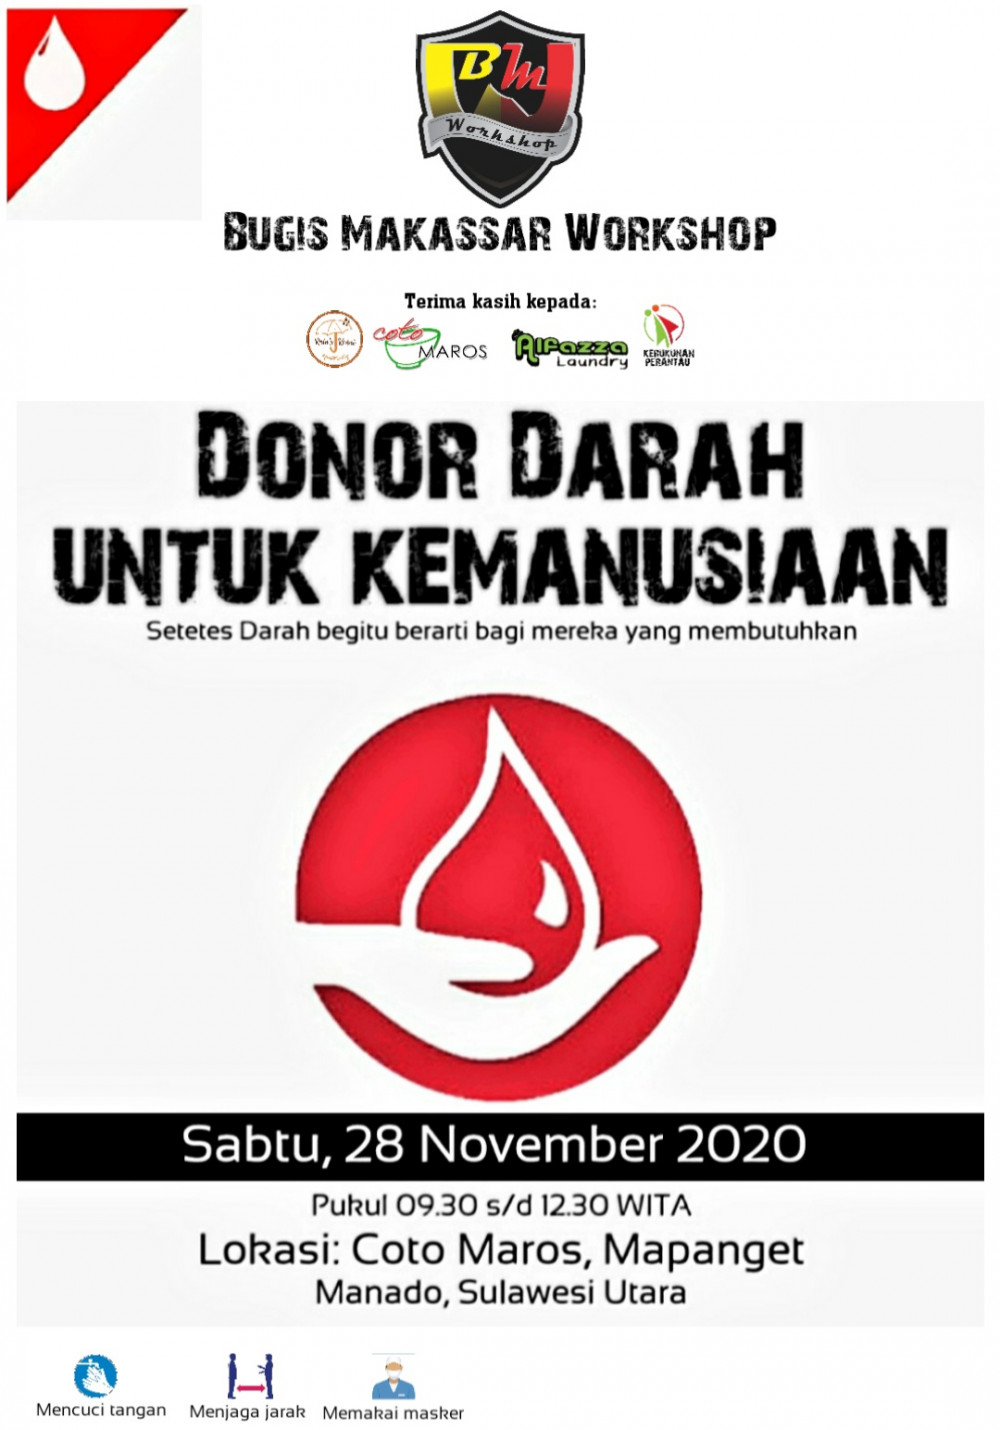 Donor Darah Demi Kemanusiaan